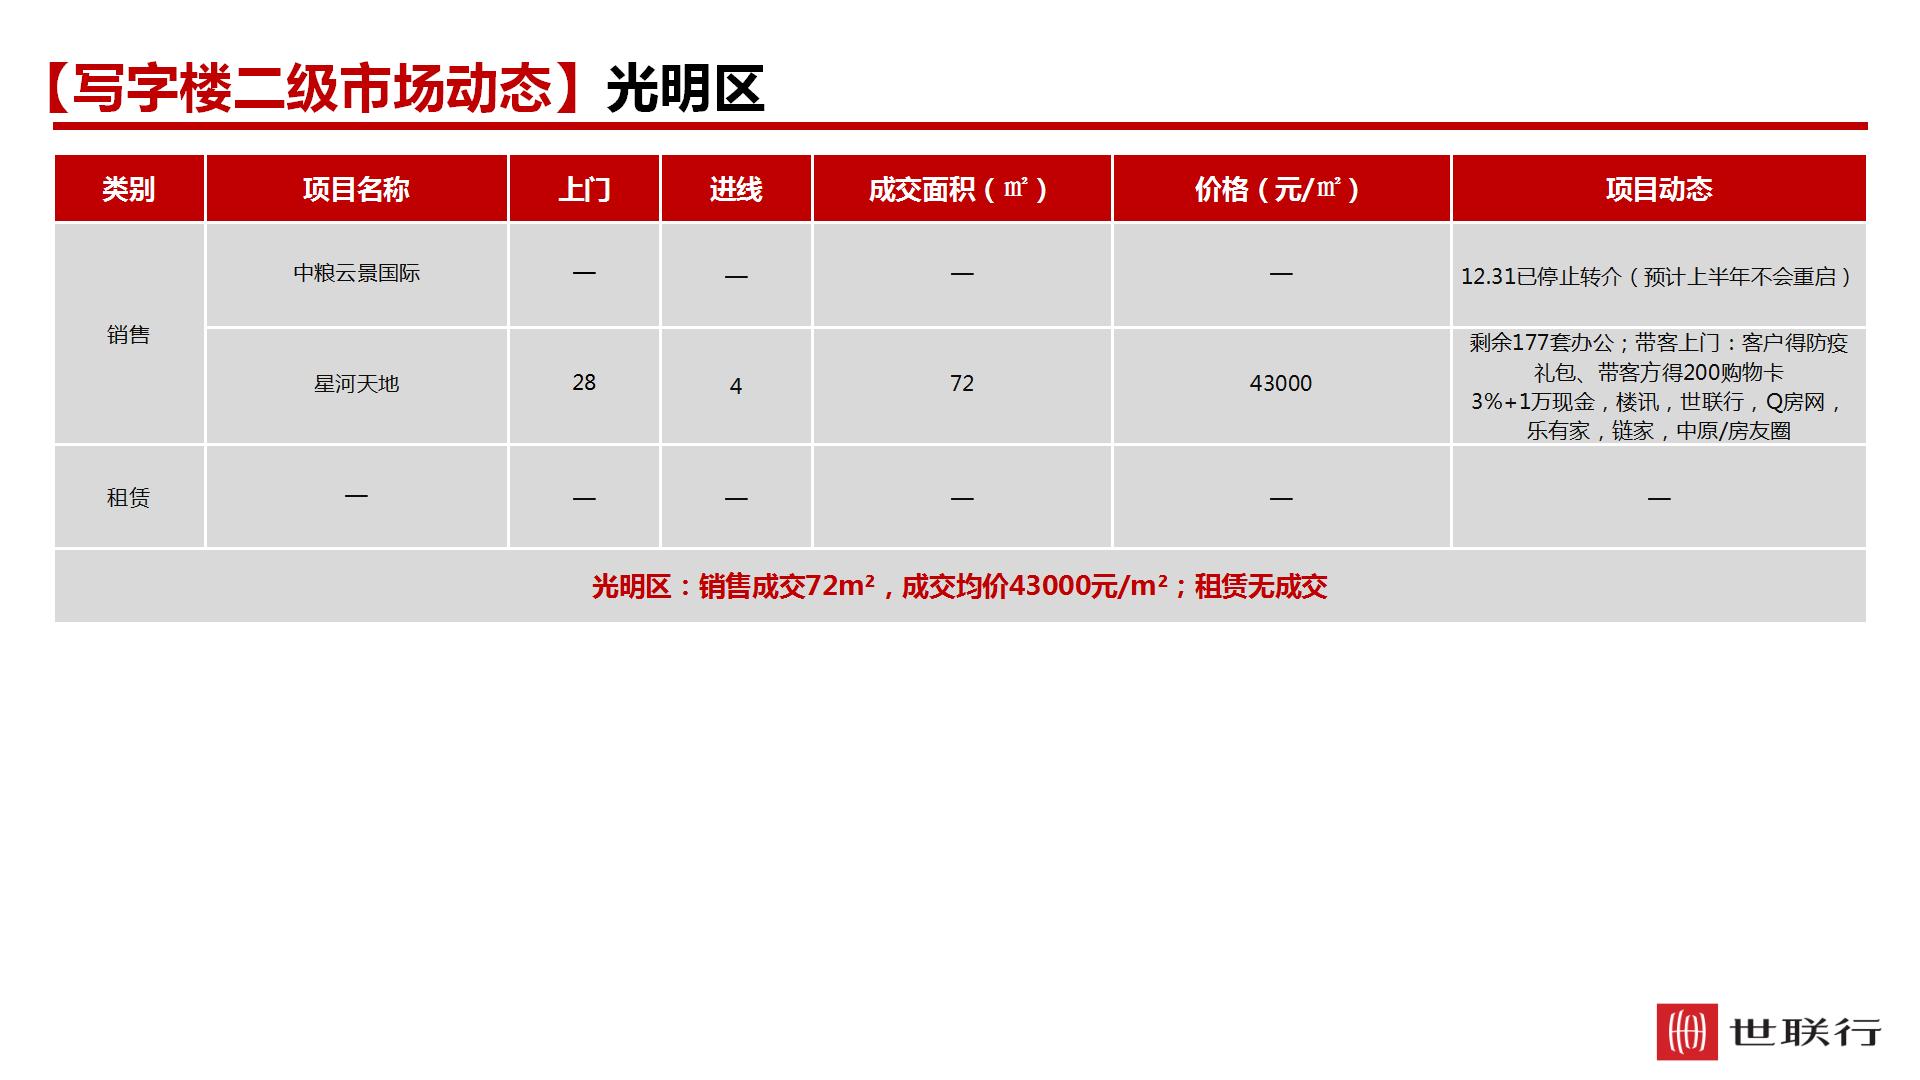 世联顾问 —深圳写字楼市场周报(第14周)